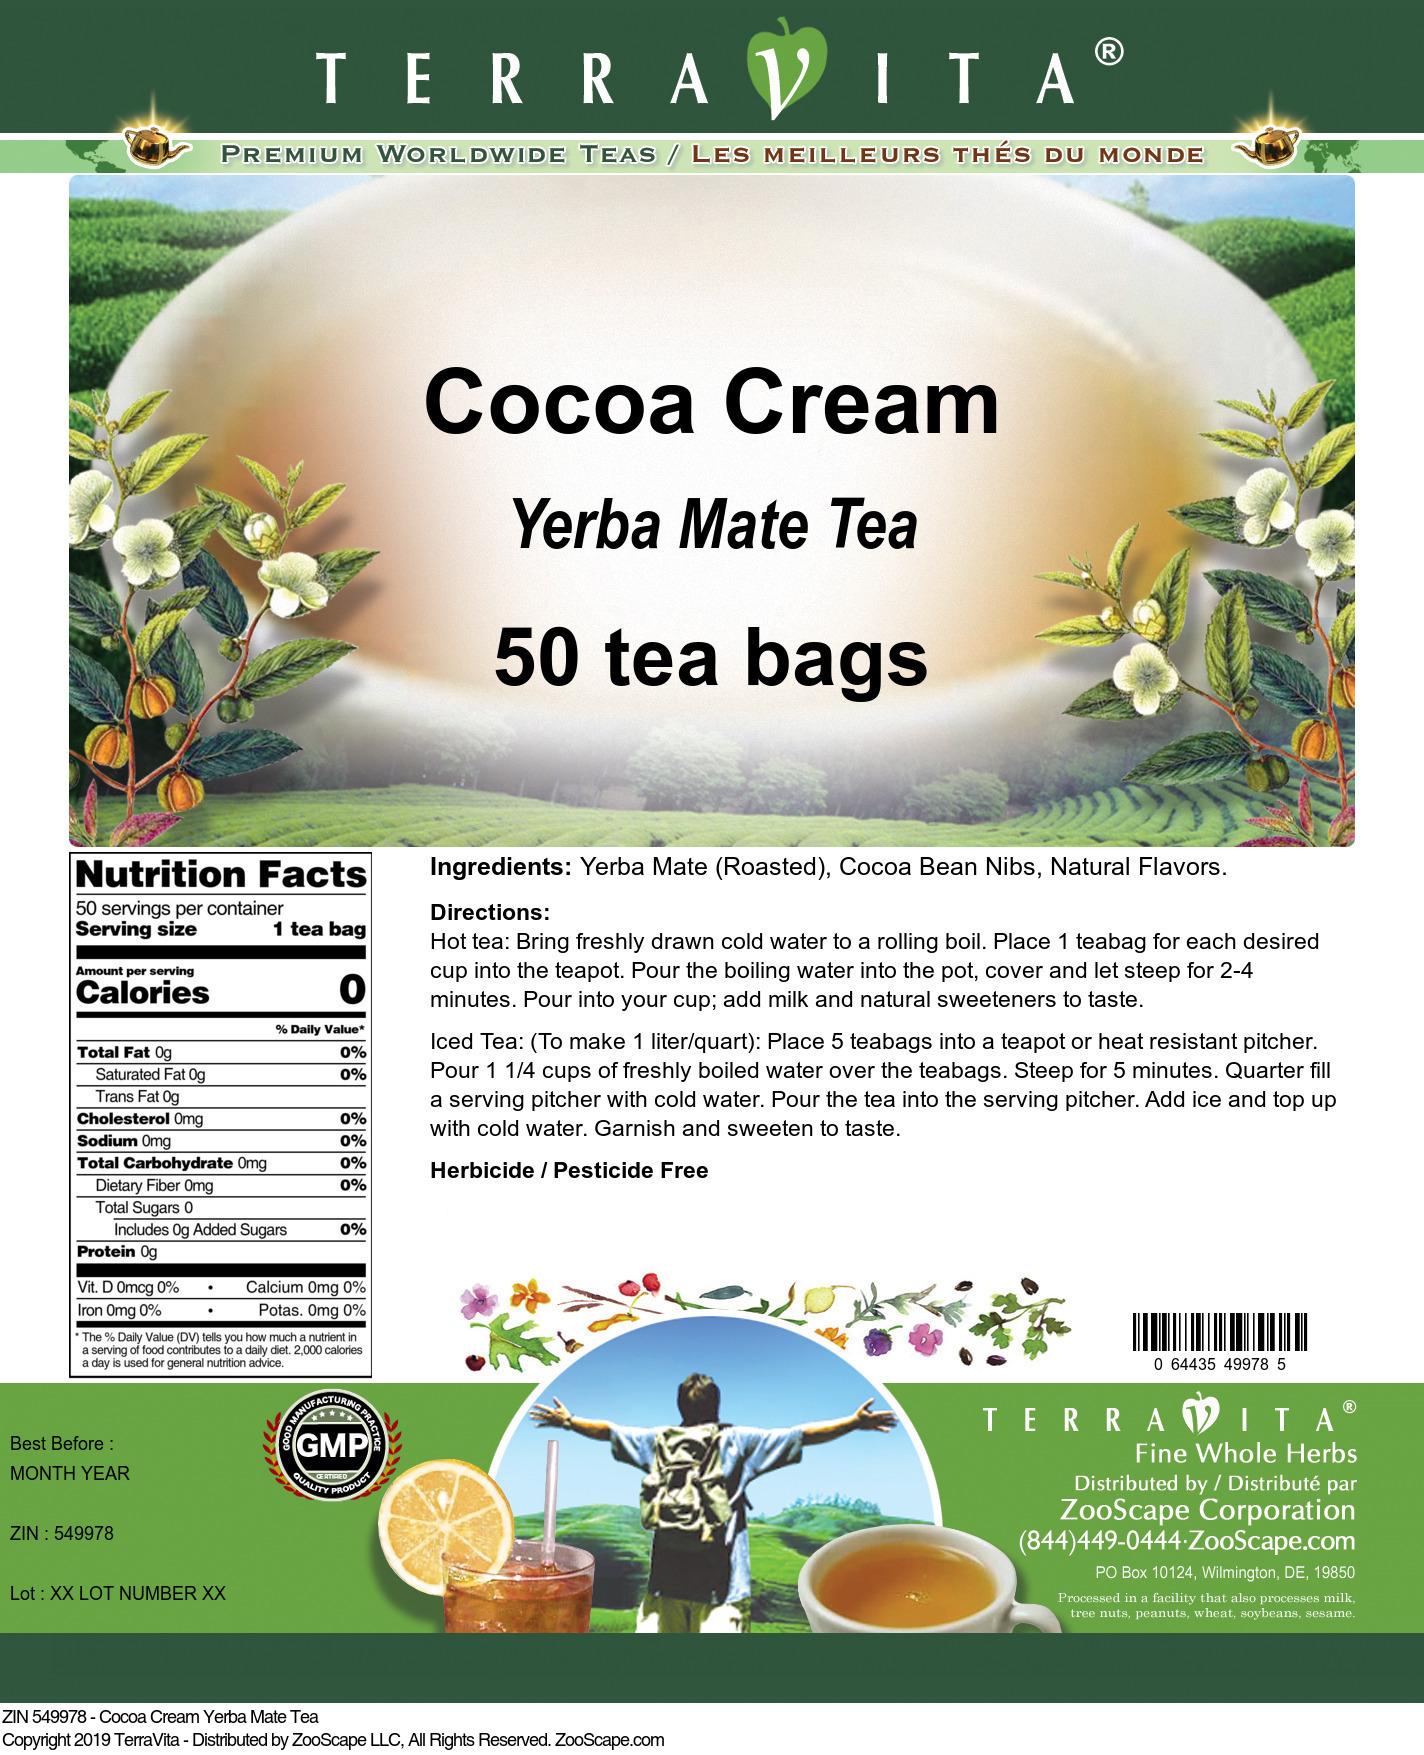 Cocoa Cream Yerba Mate